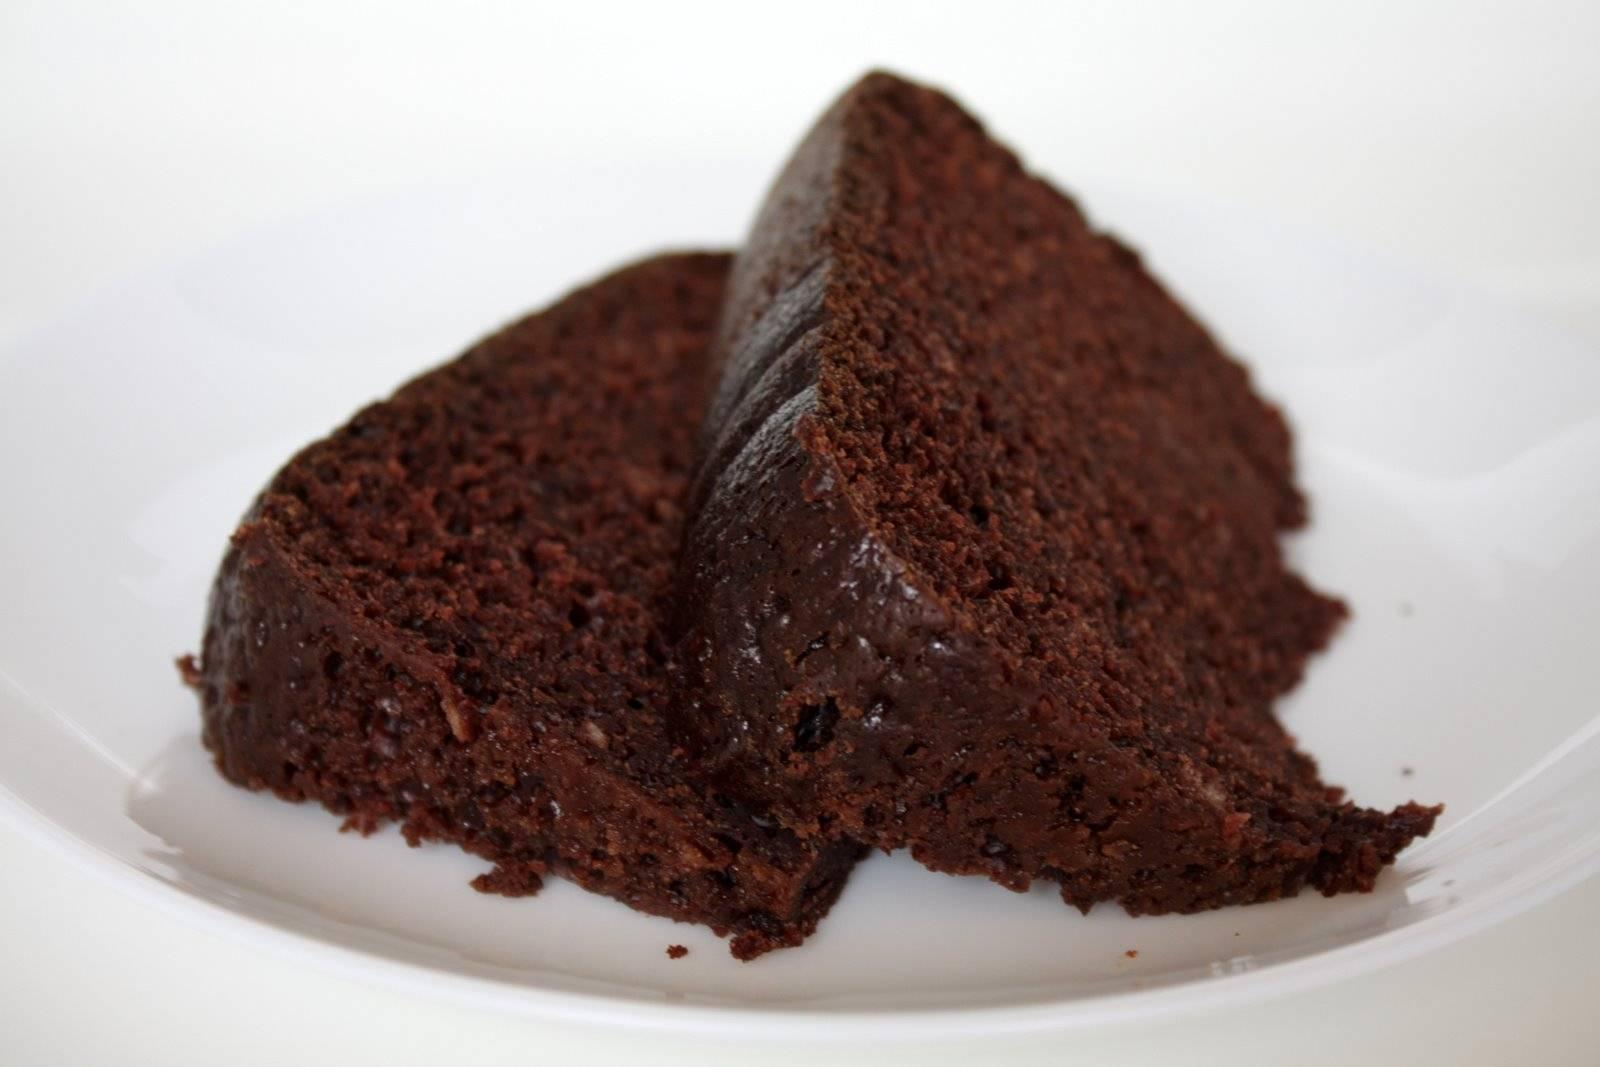 Очень вкусный шоколадный бисквит: простой классический рецепт